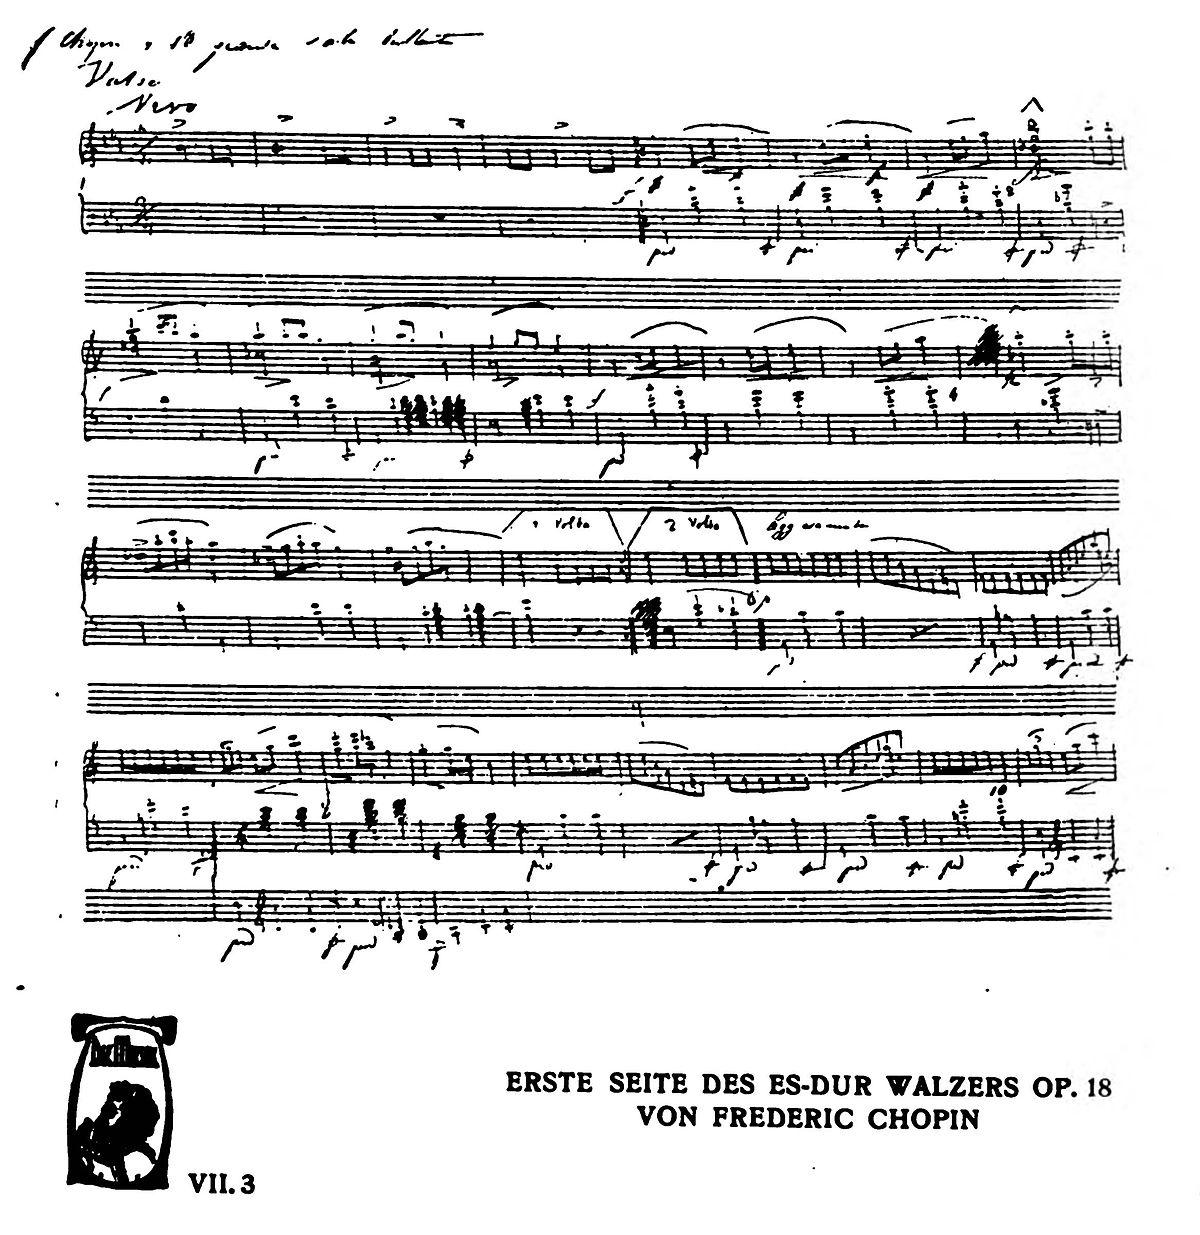 Grande valse brillante in E-flat major (Chopin) - Wikipedia